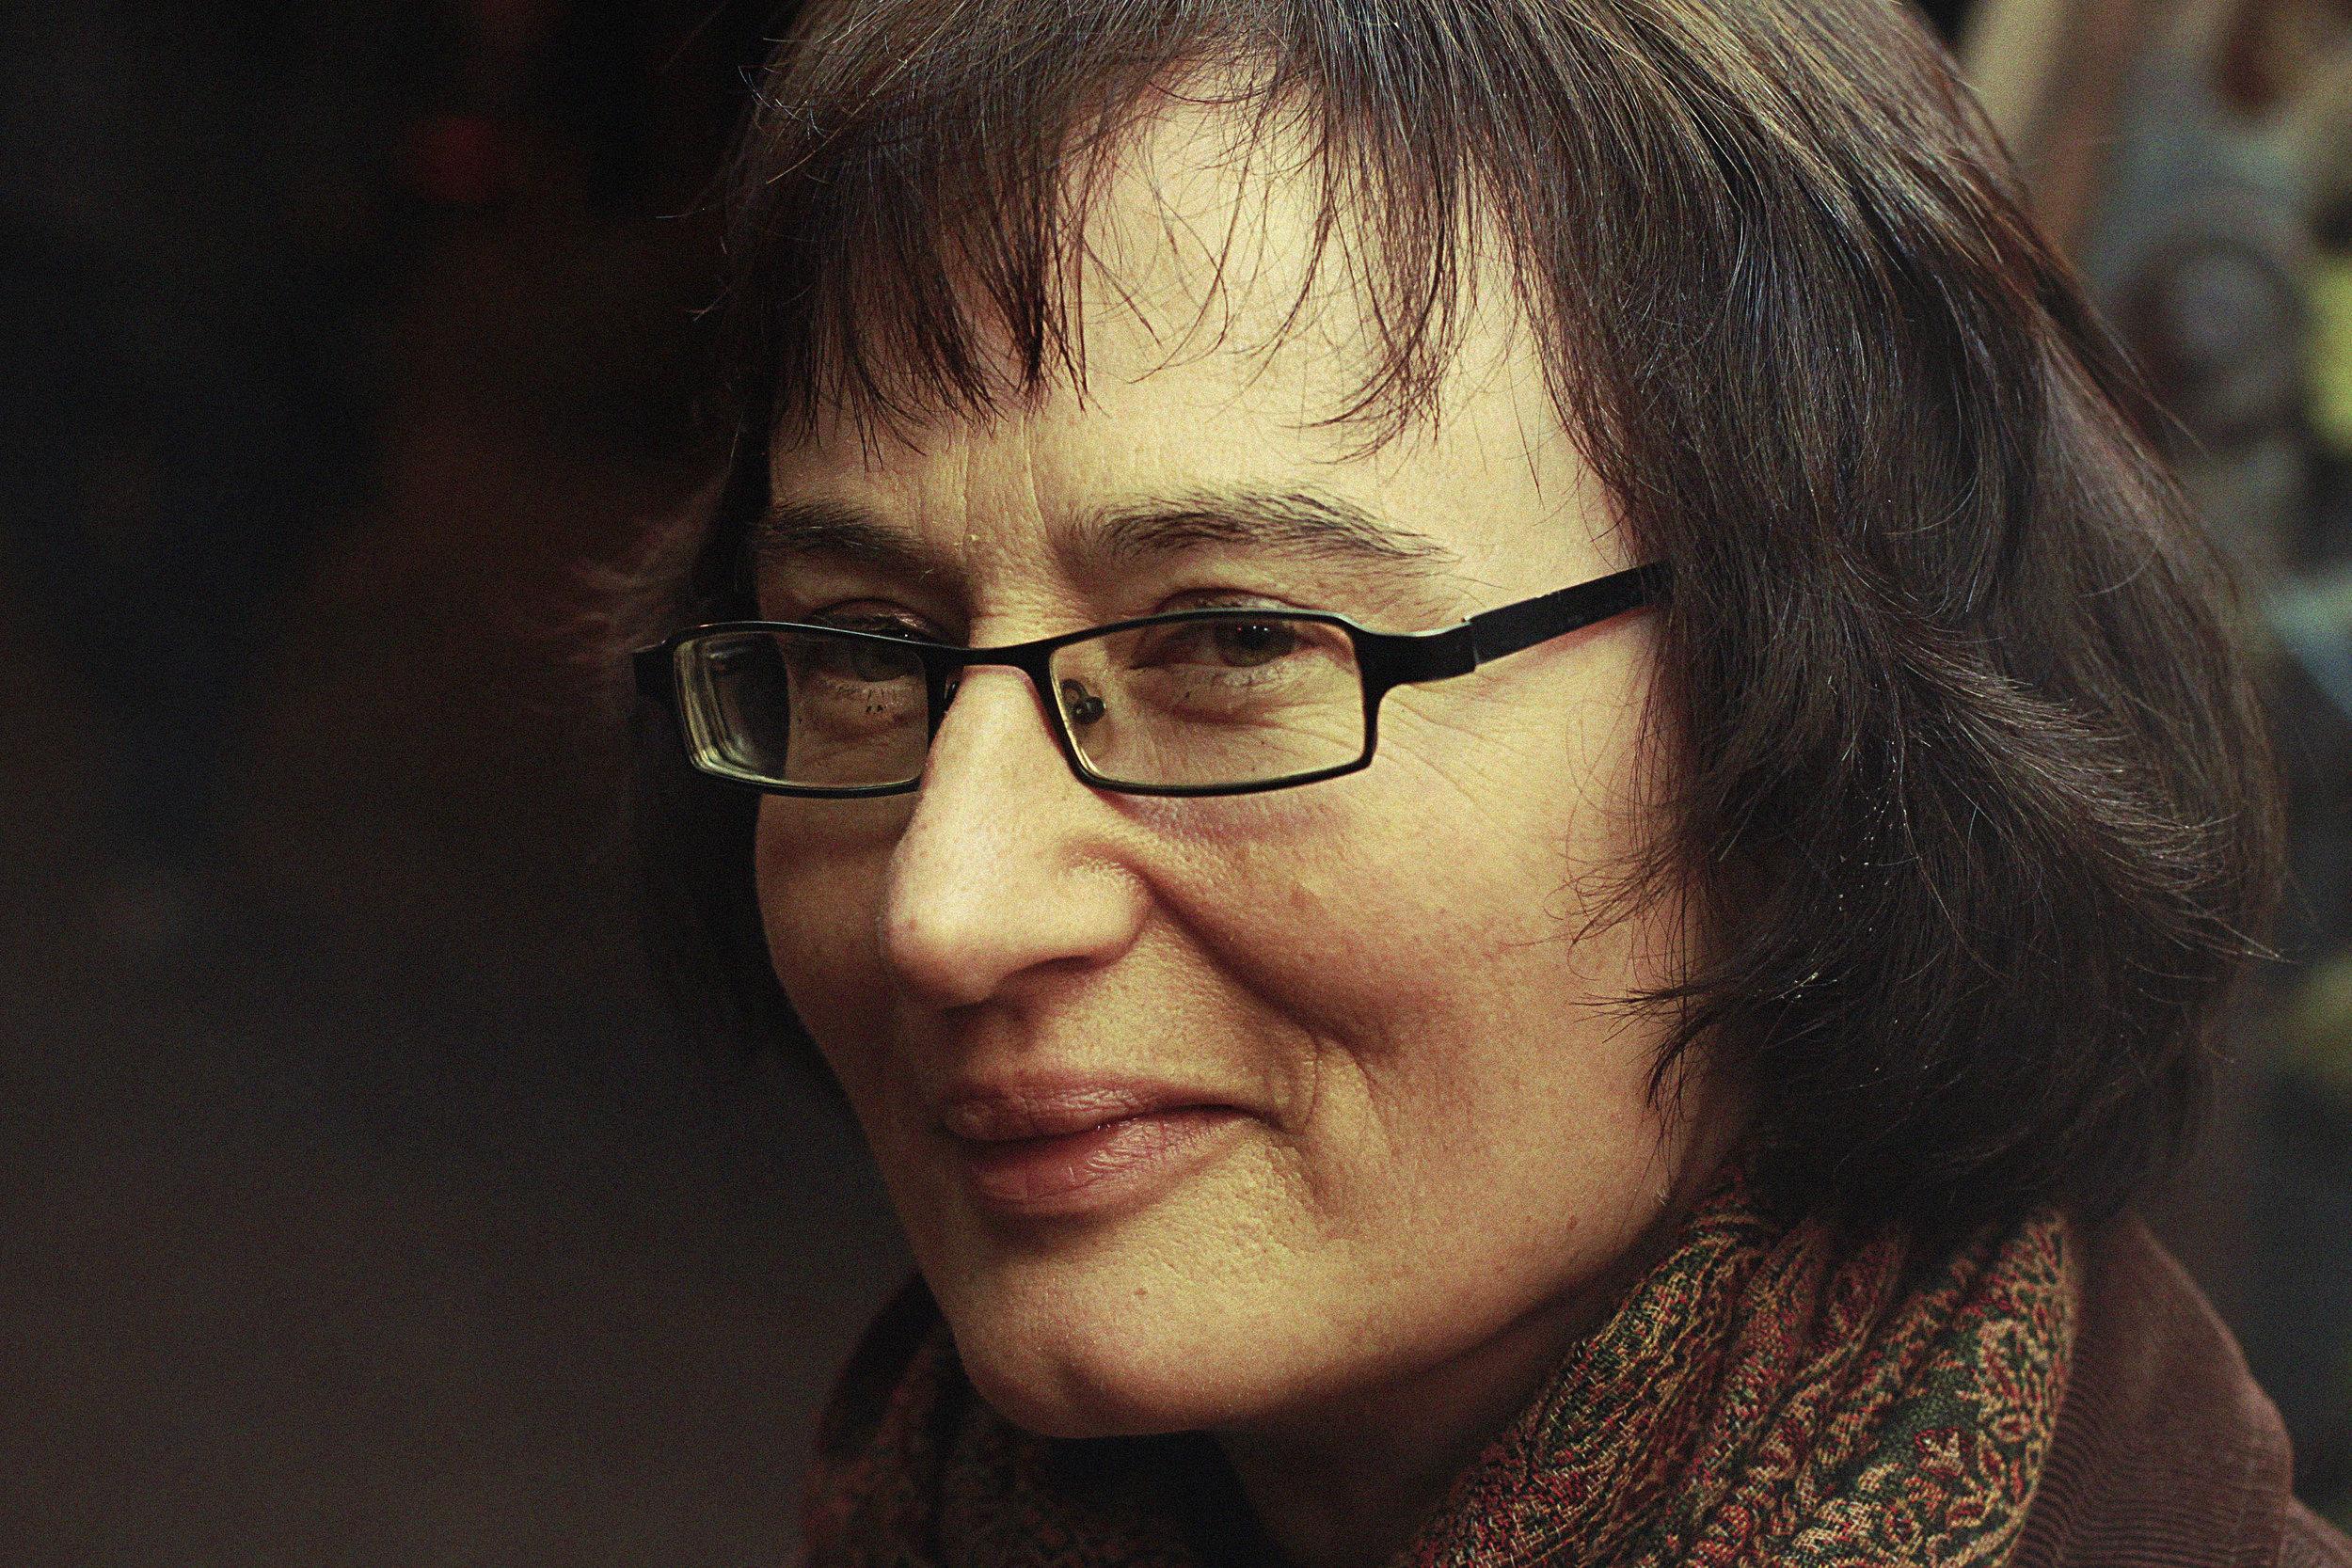 Fiona Sampson, photography by Ekaterina Voskresenskaya